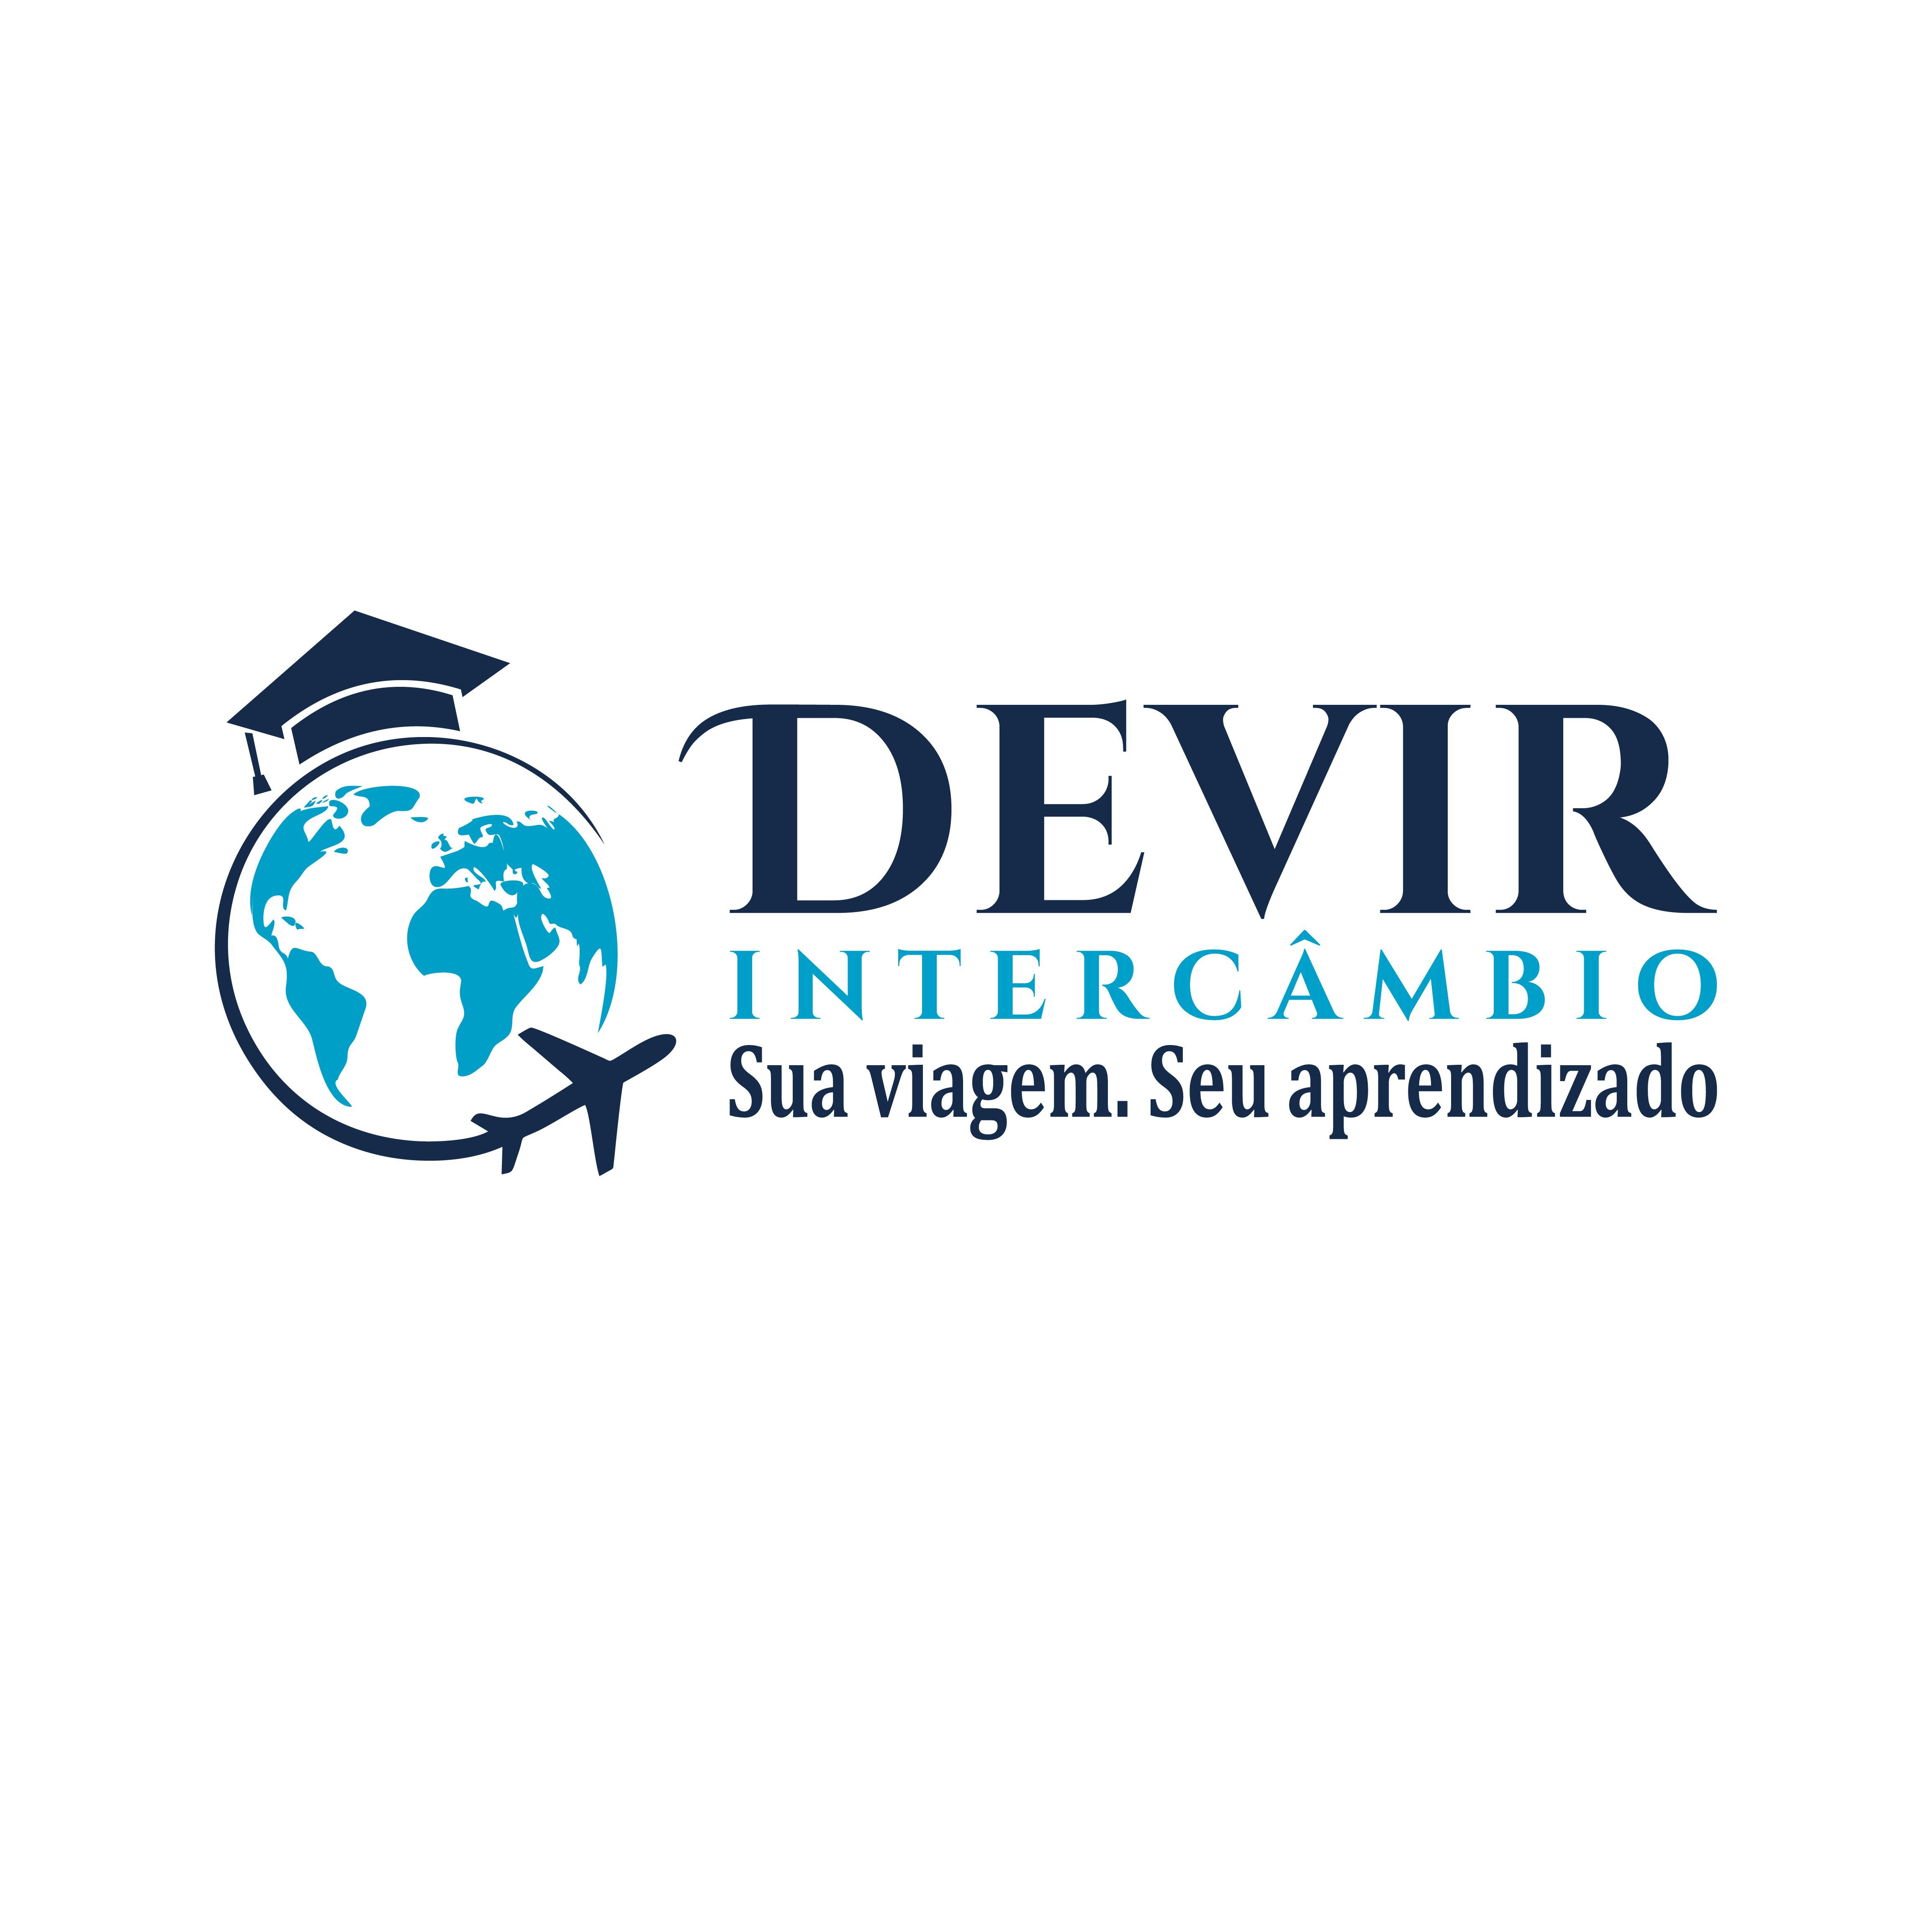 Crie um logotipo atraente e que dialogue com educação internacional/estudos no exterior